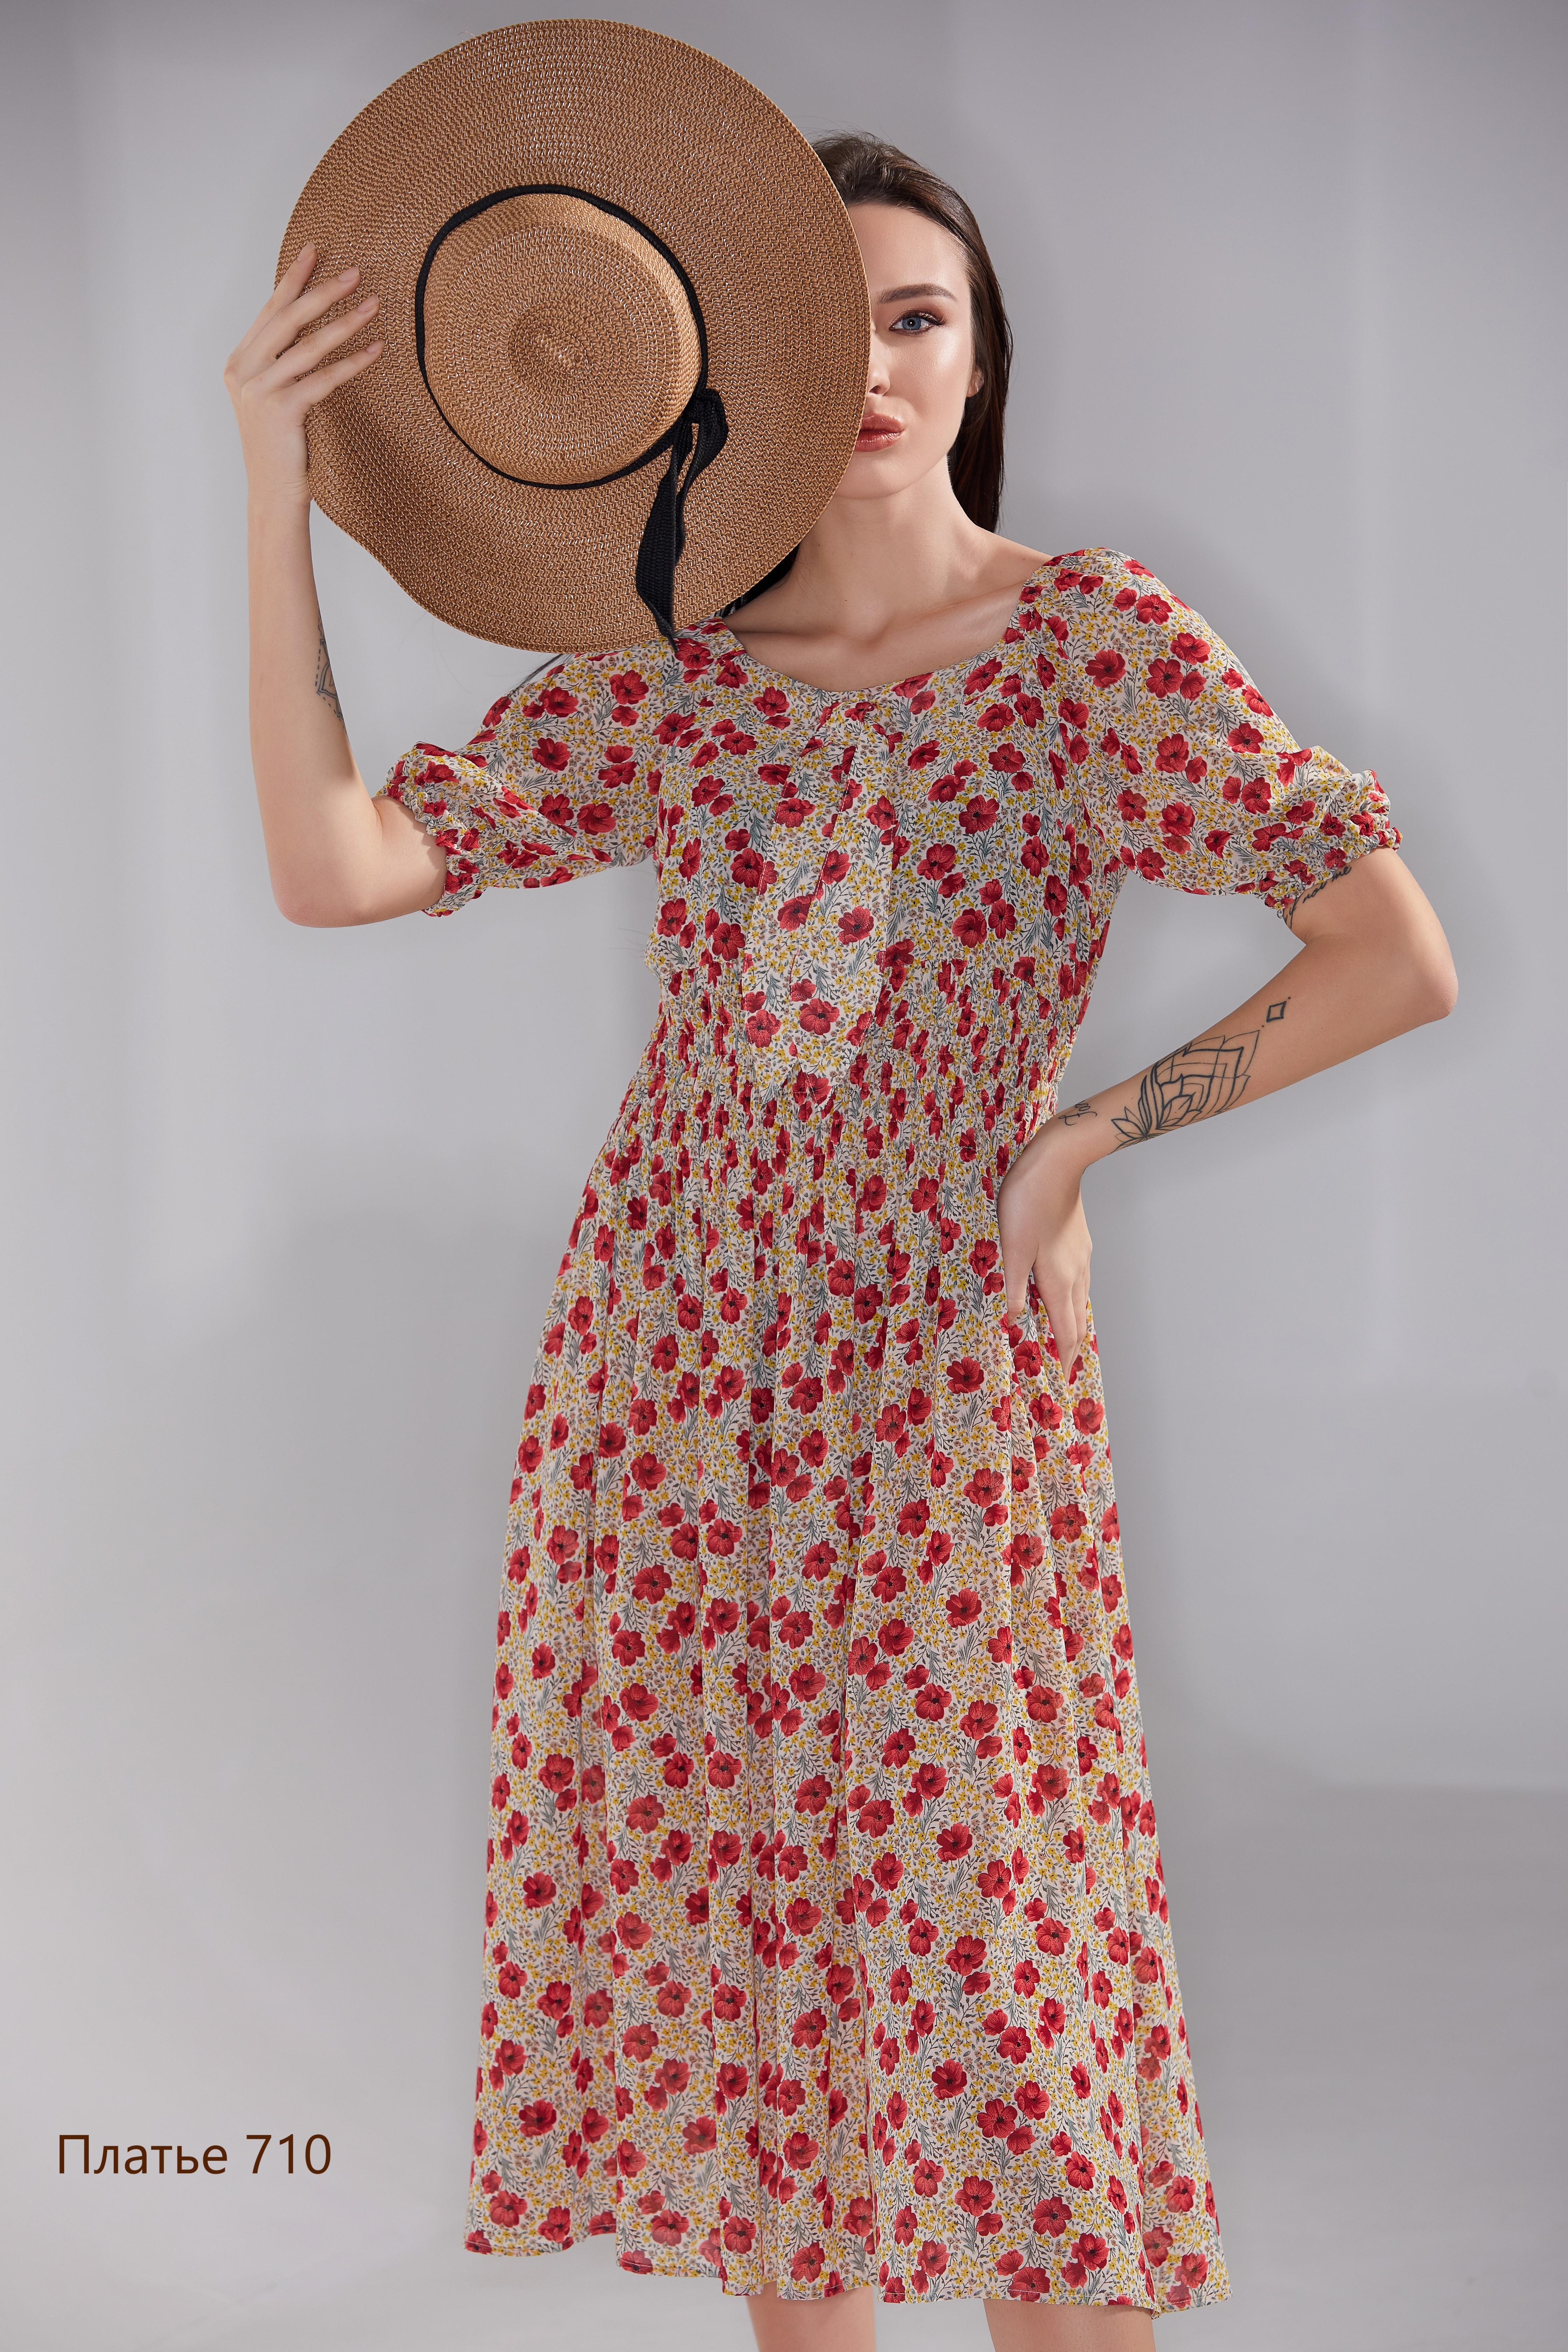 Платье 710 (1)